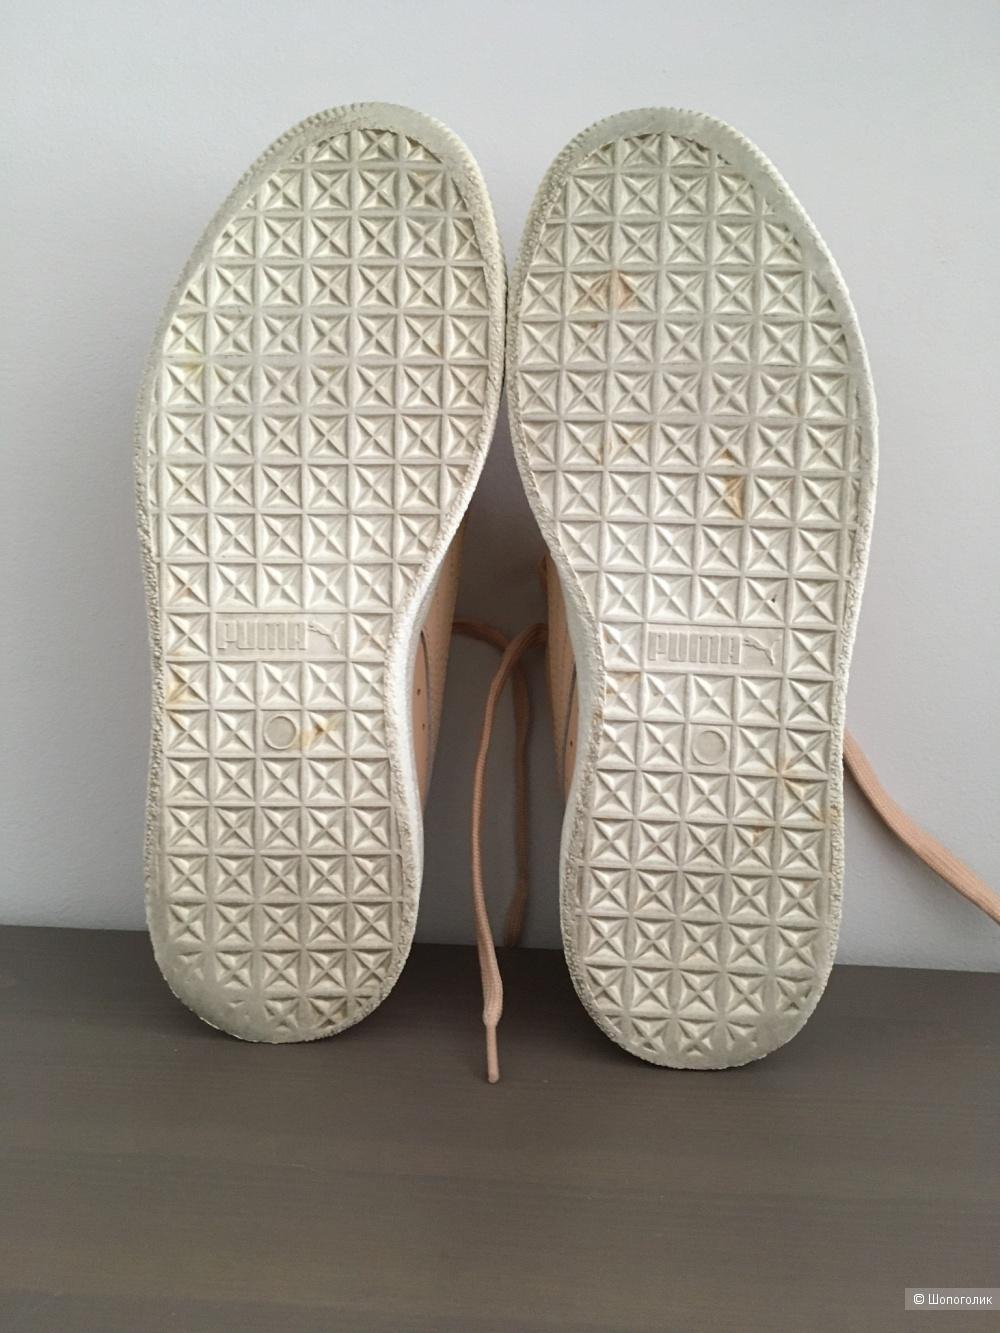 Кроссовки женские PUMA, 36 размер